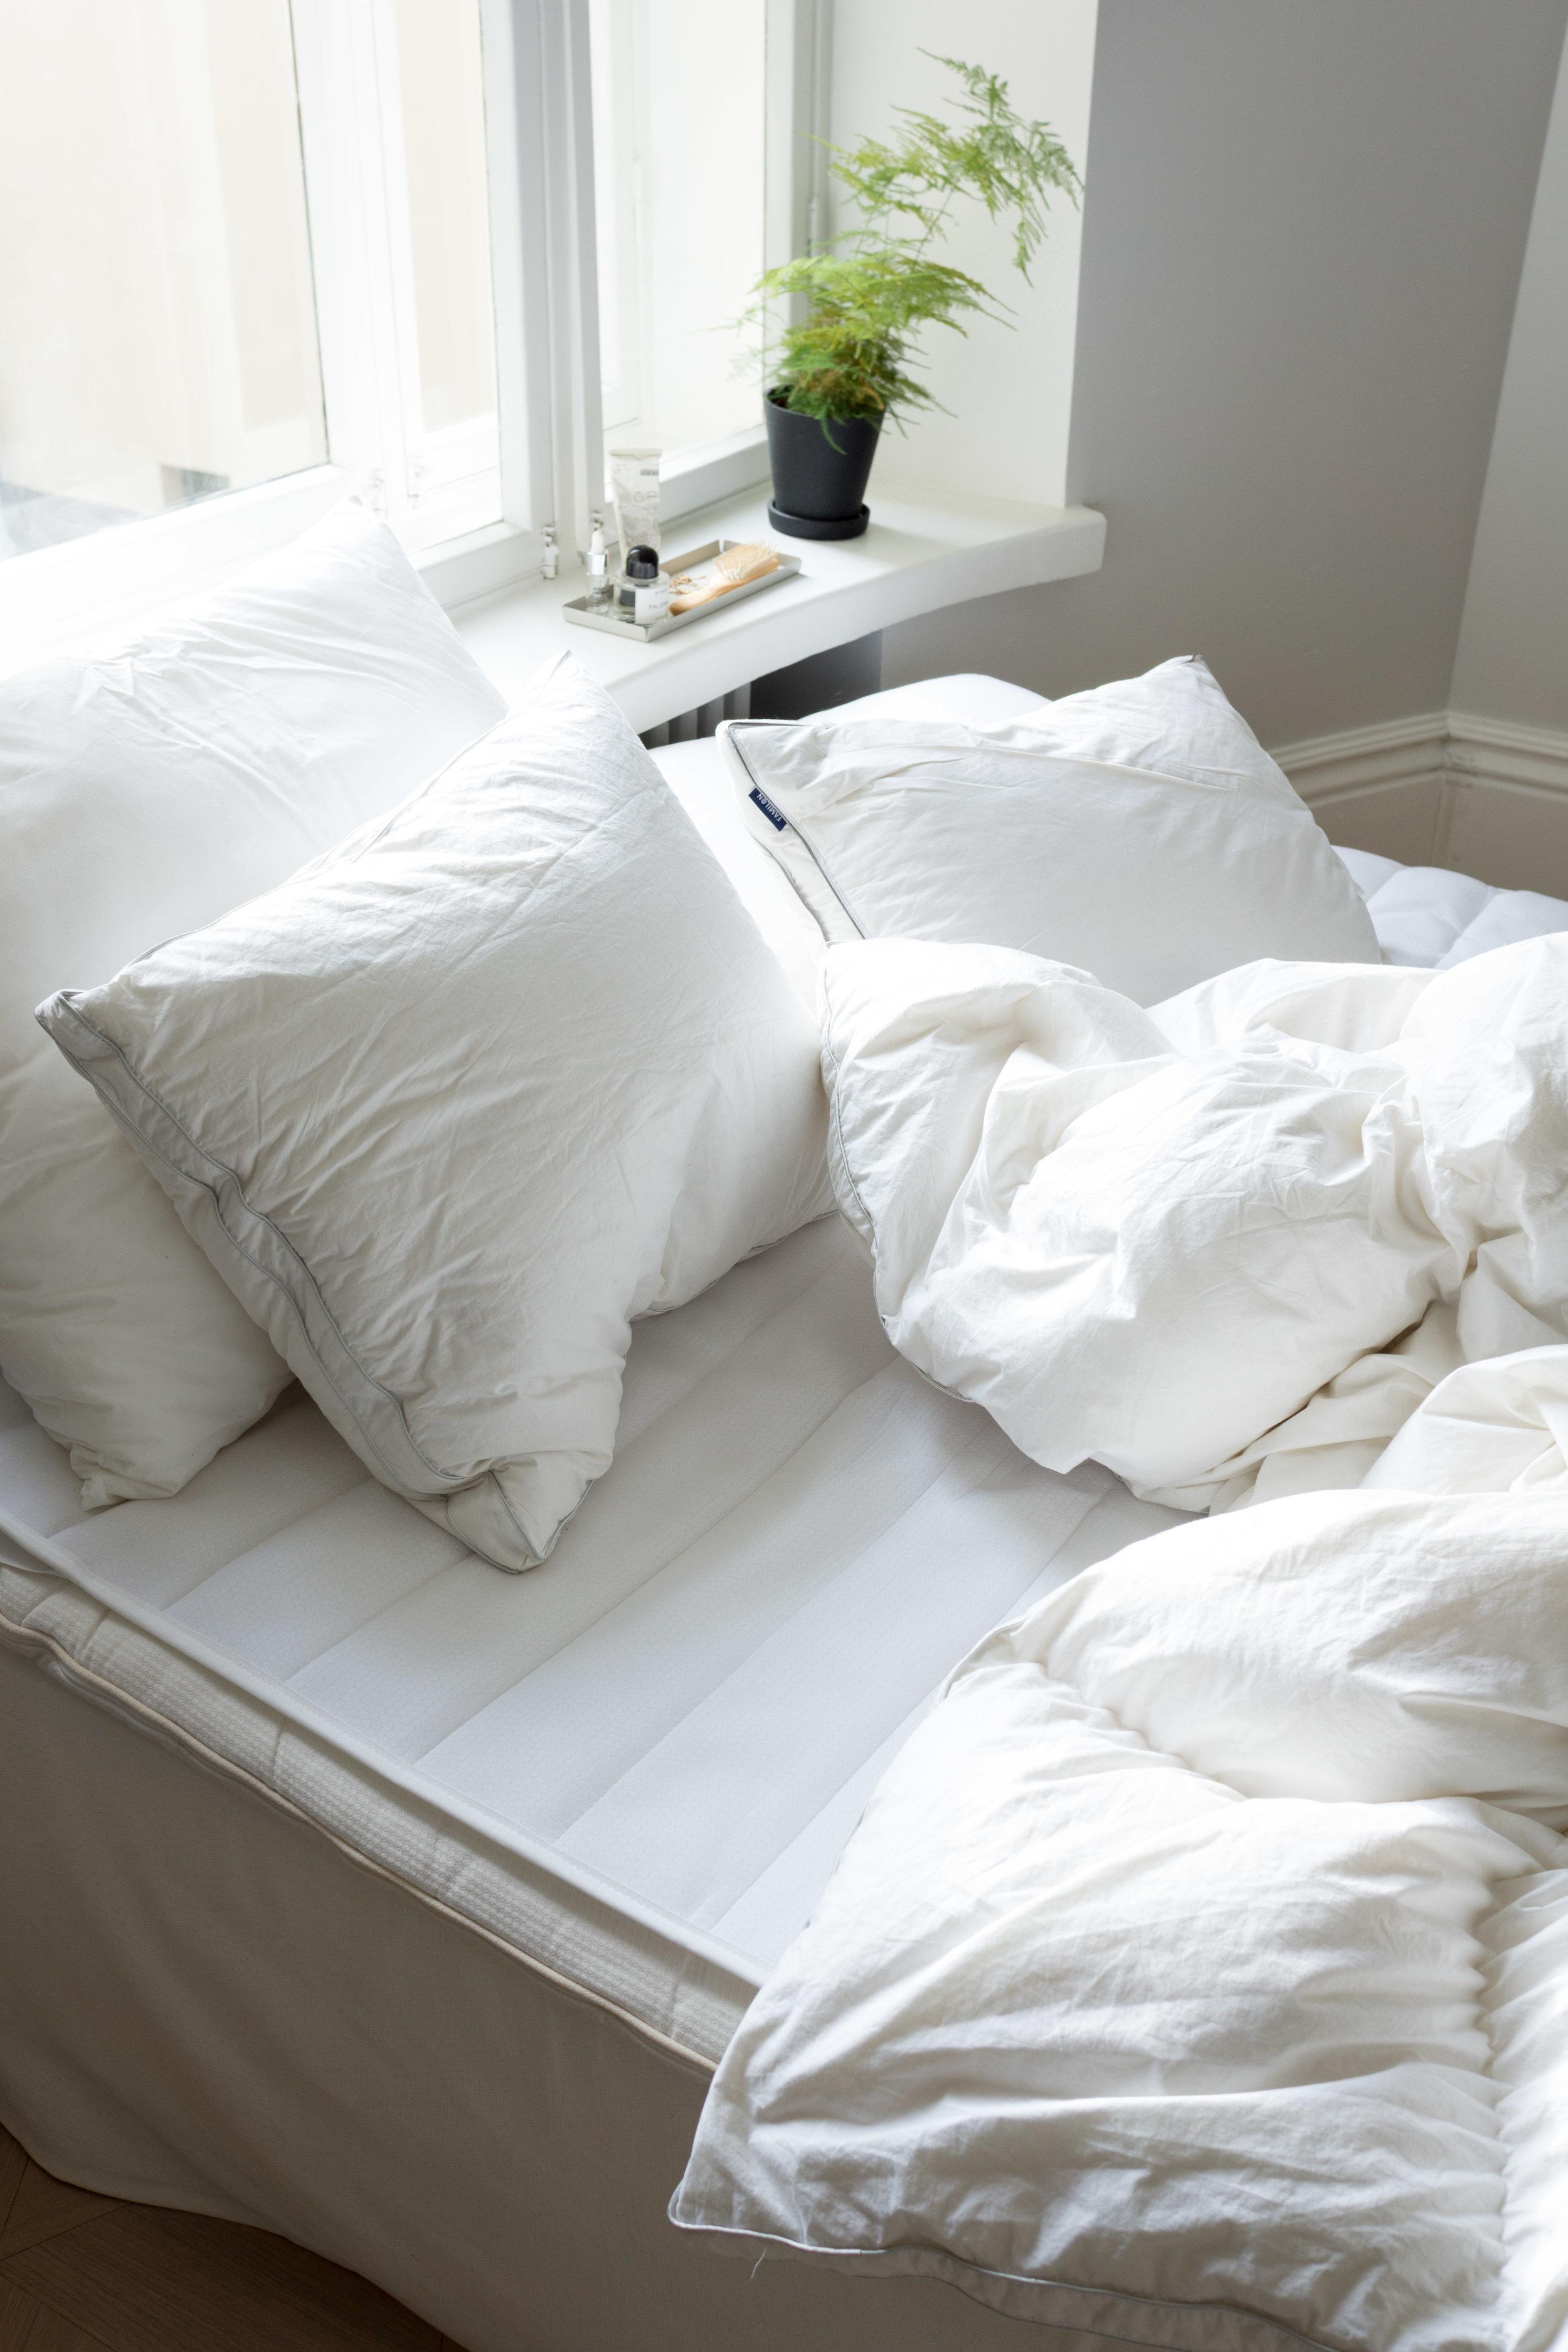 Viikonloppuna oli aika vaihtaa myös petivaatteet, joten räpsäisin samalla muutaman kuvan Familonin ihanista peitoista ja tyynyistä. Huomaathan sängyssä myös petauspatjan suojuksen – super kätevä, kun sen voi pestä helposti!   Familonin tuotteet saatu kuvausyhteistyön puitteissa.